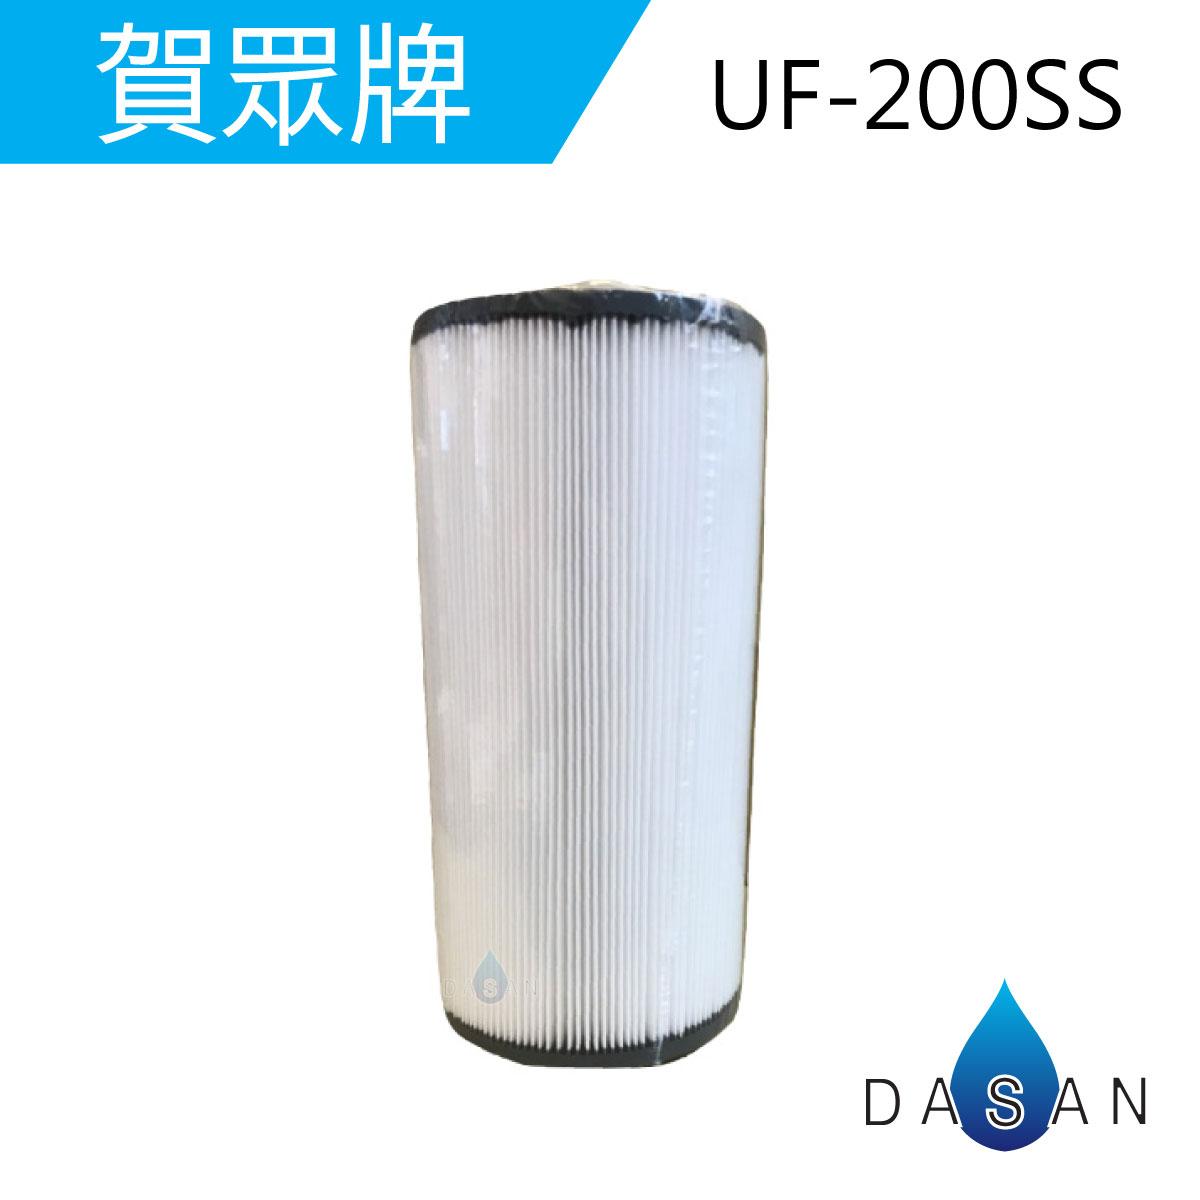 賀眾牌 UF-200S 全戶式濾淨系統替換濾芯 全戶濾專用濾芯 UF200S